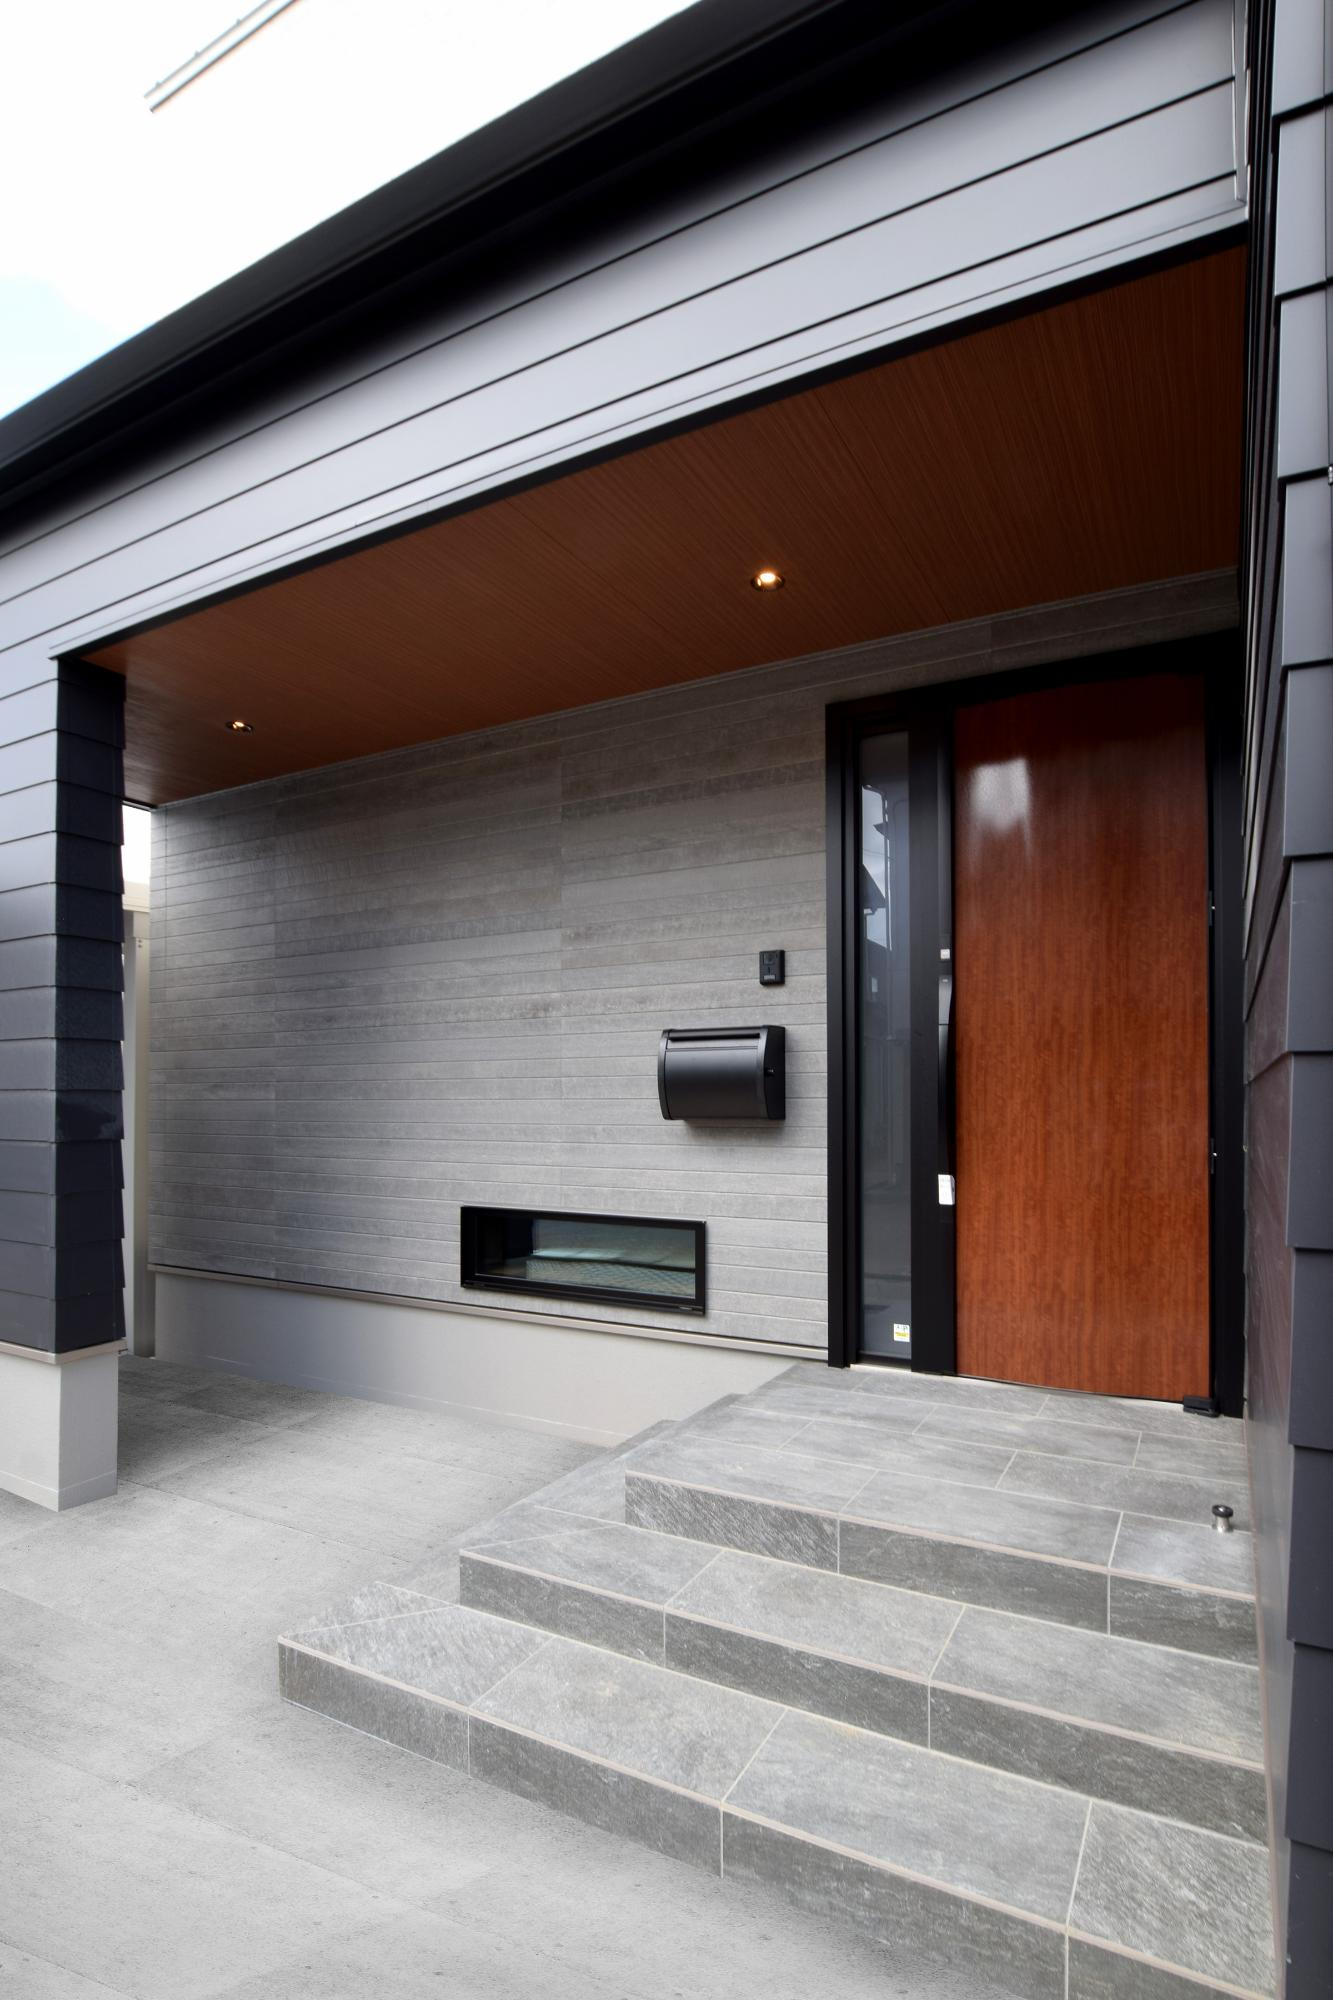 DETAIL HOME(ディテールホーム)「断熱材が2倍の全館空調の家」のシンプル・ナチュラル・モダンな外観の実例写真